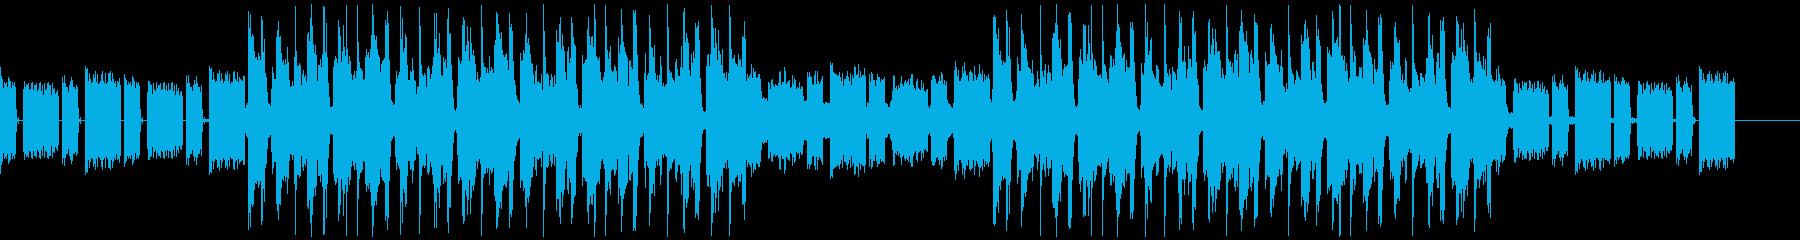 Lo-Fi Hiphop 3の再生済みの波形